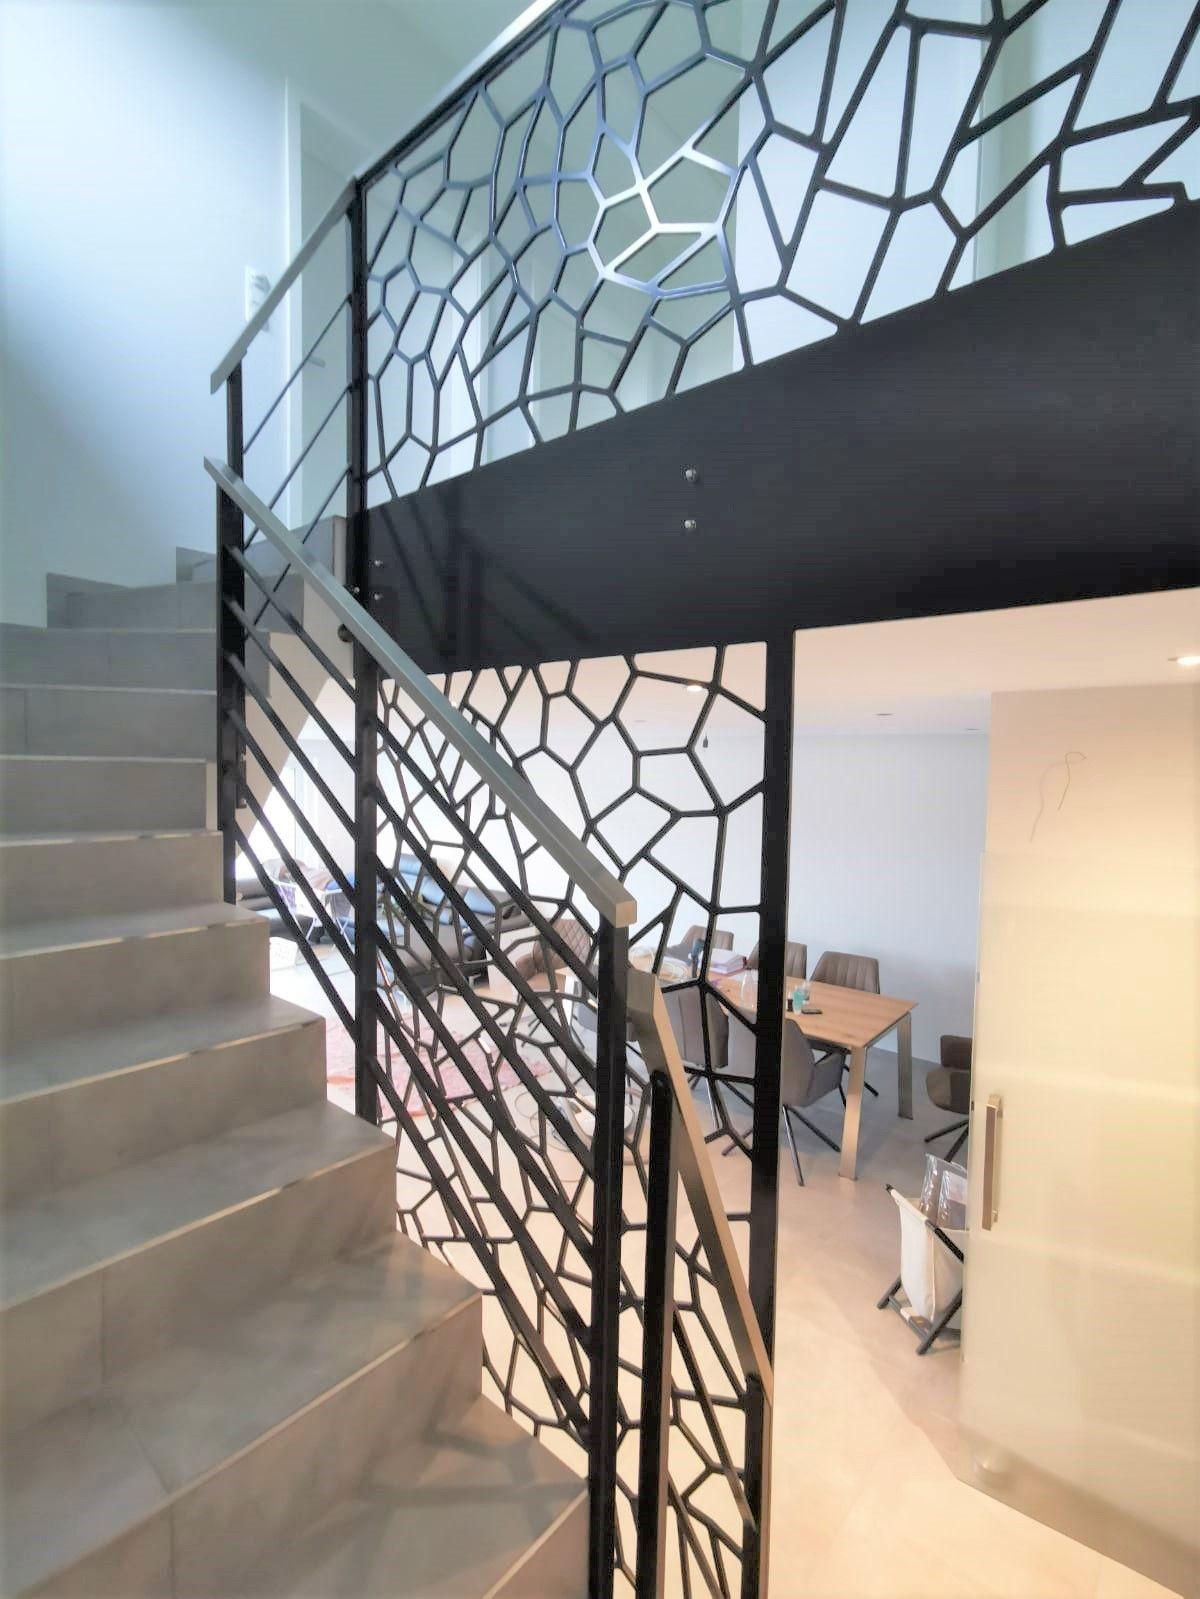 Treppengeländer mit mitlaufenden Flachstäben in anthrazit und Edelstahlhandlauf, Brüstung im Camouflage-Stil